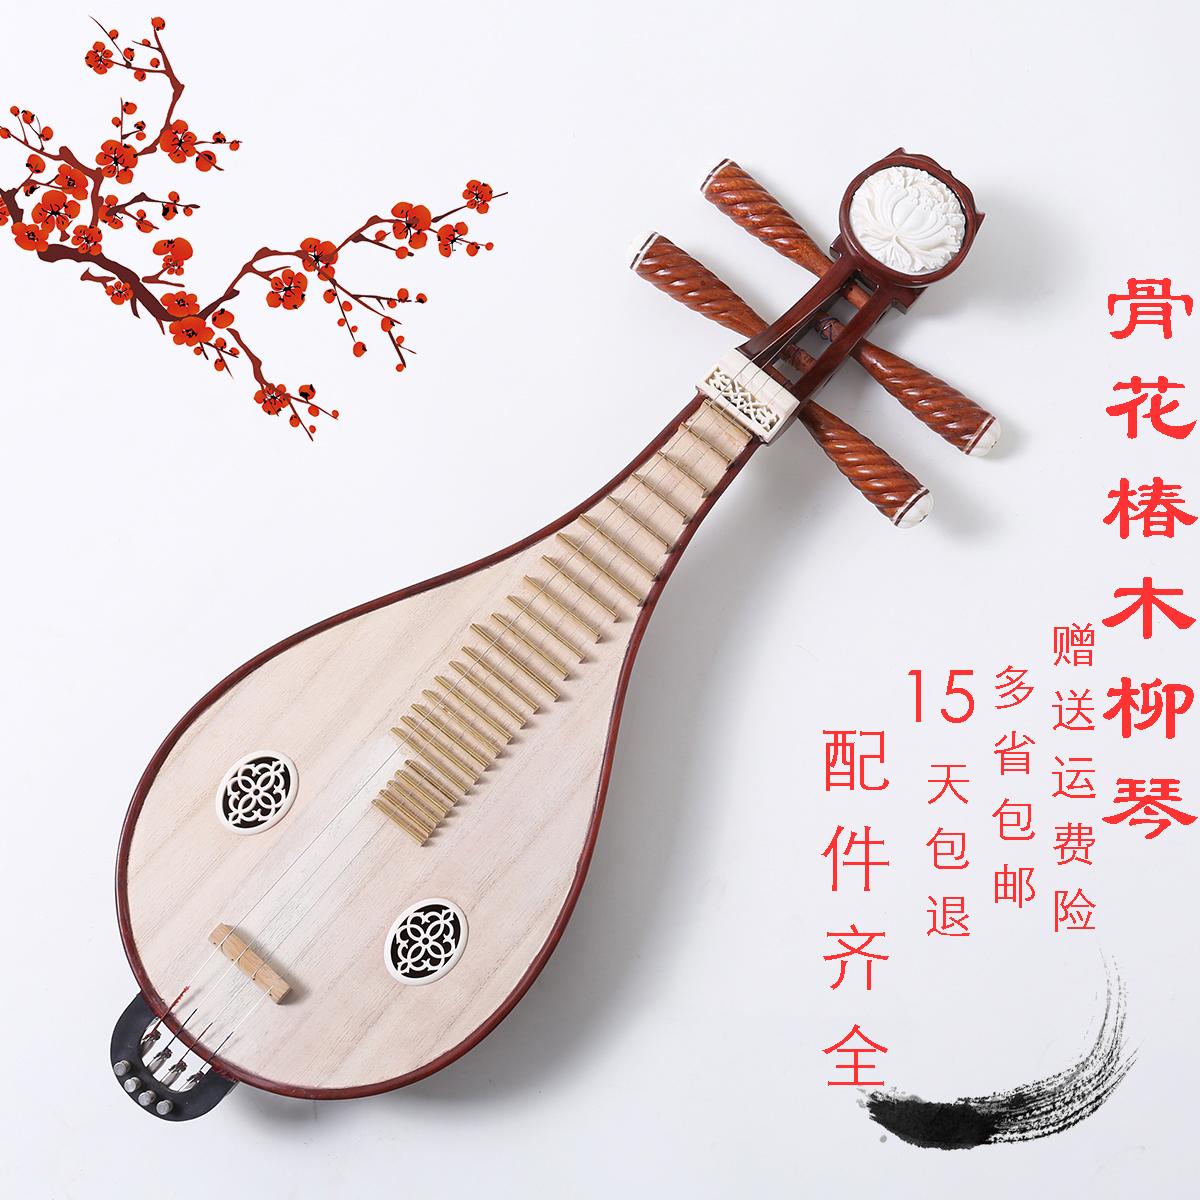 Китайский струнный инструмент Люцинь Артикул 20426136434